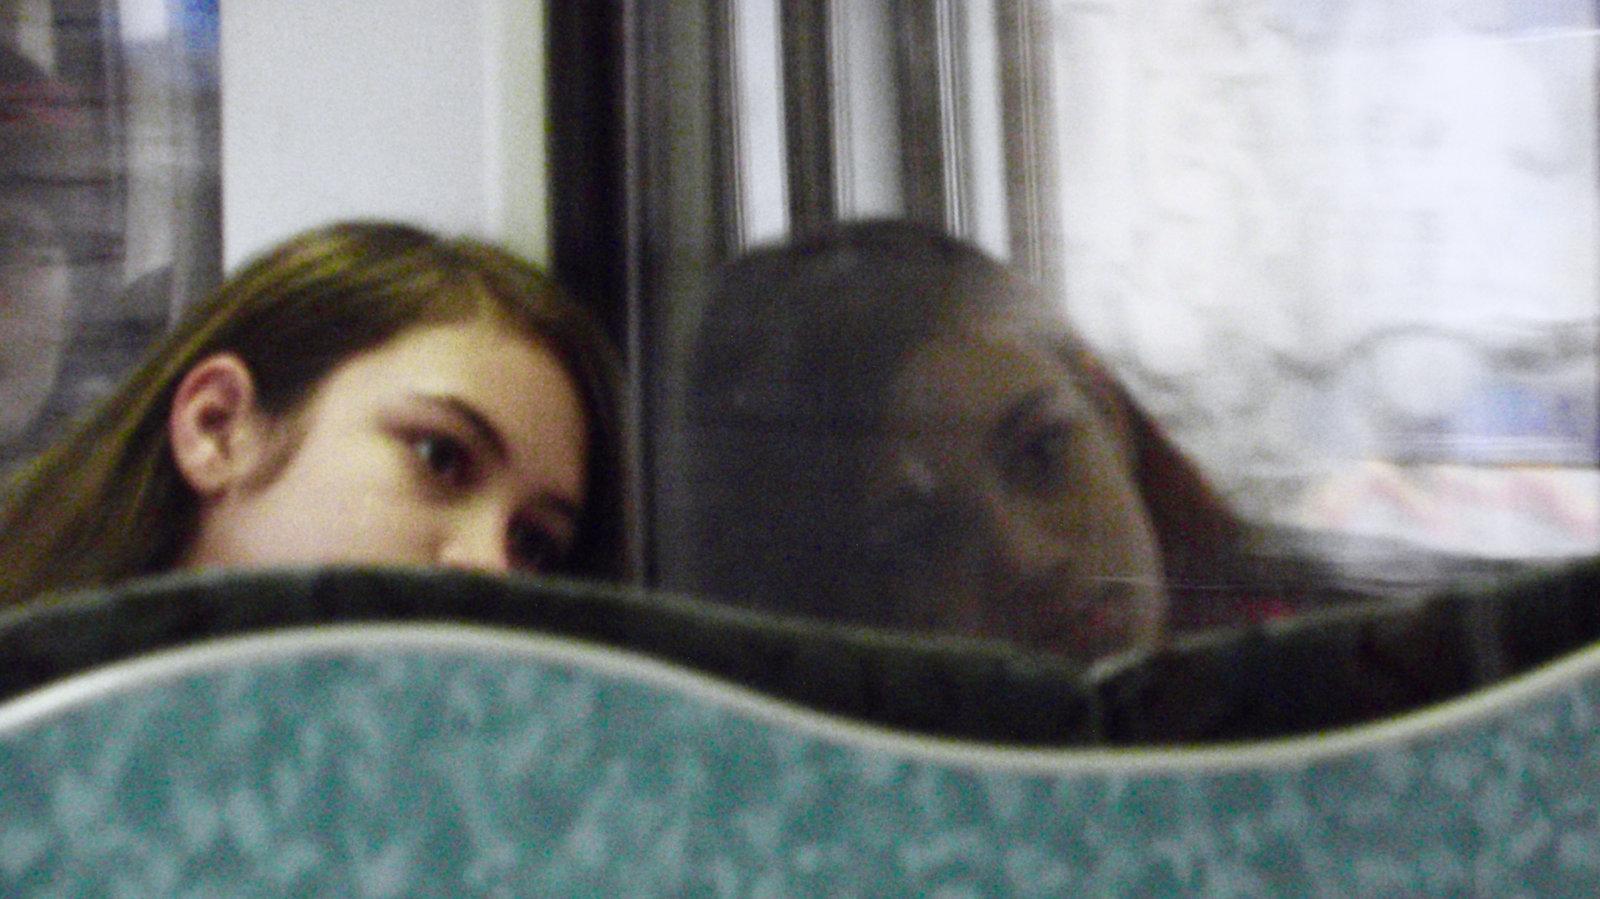 i_disappear_from_view_by_batsceba-d9kfiye.jpg